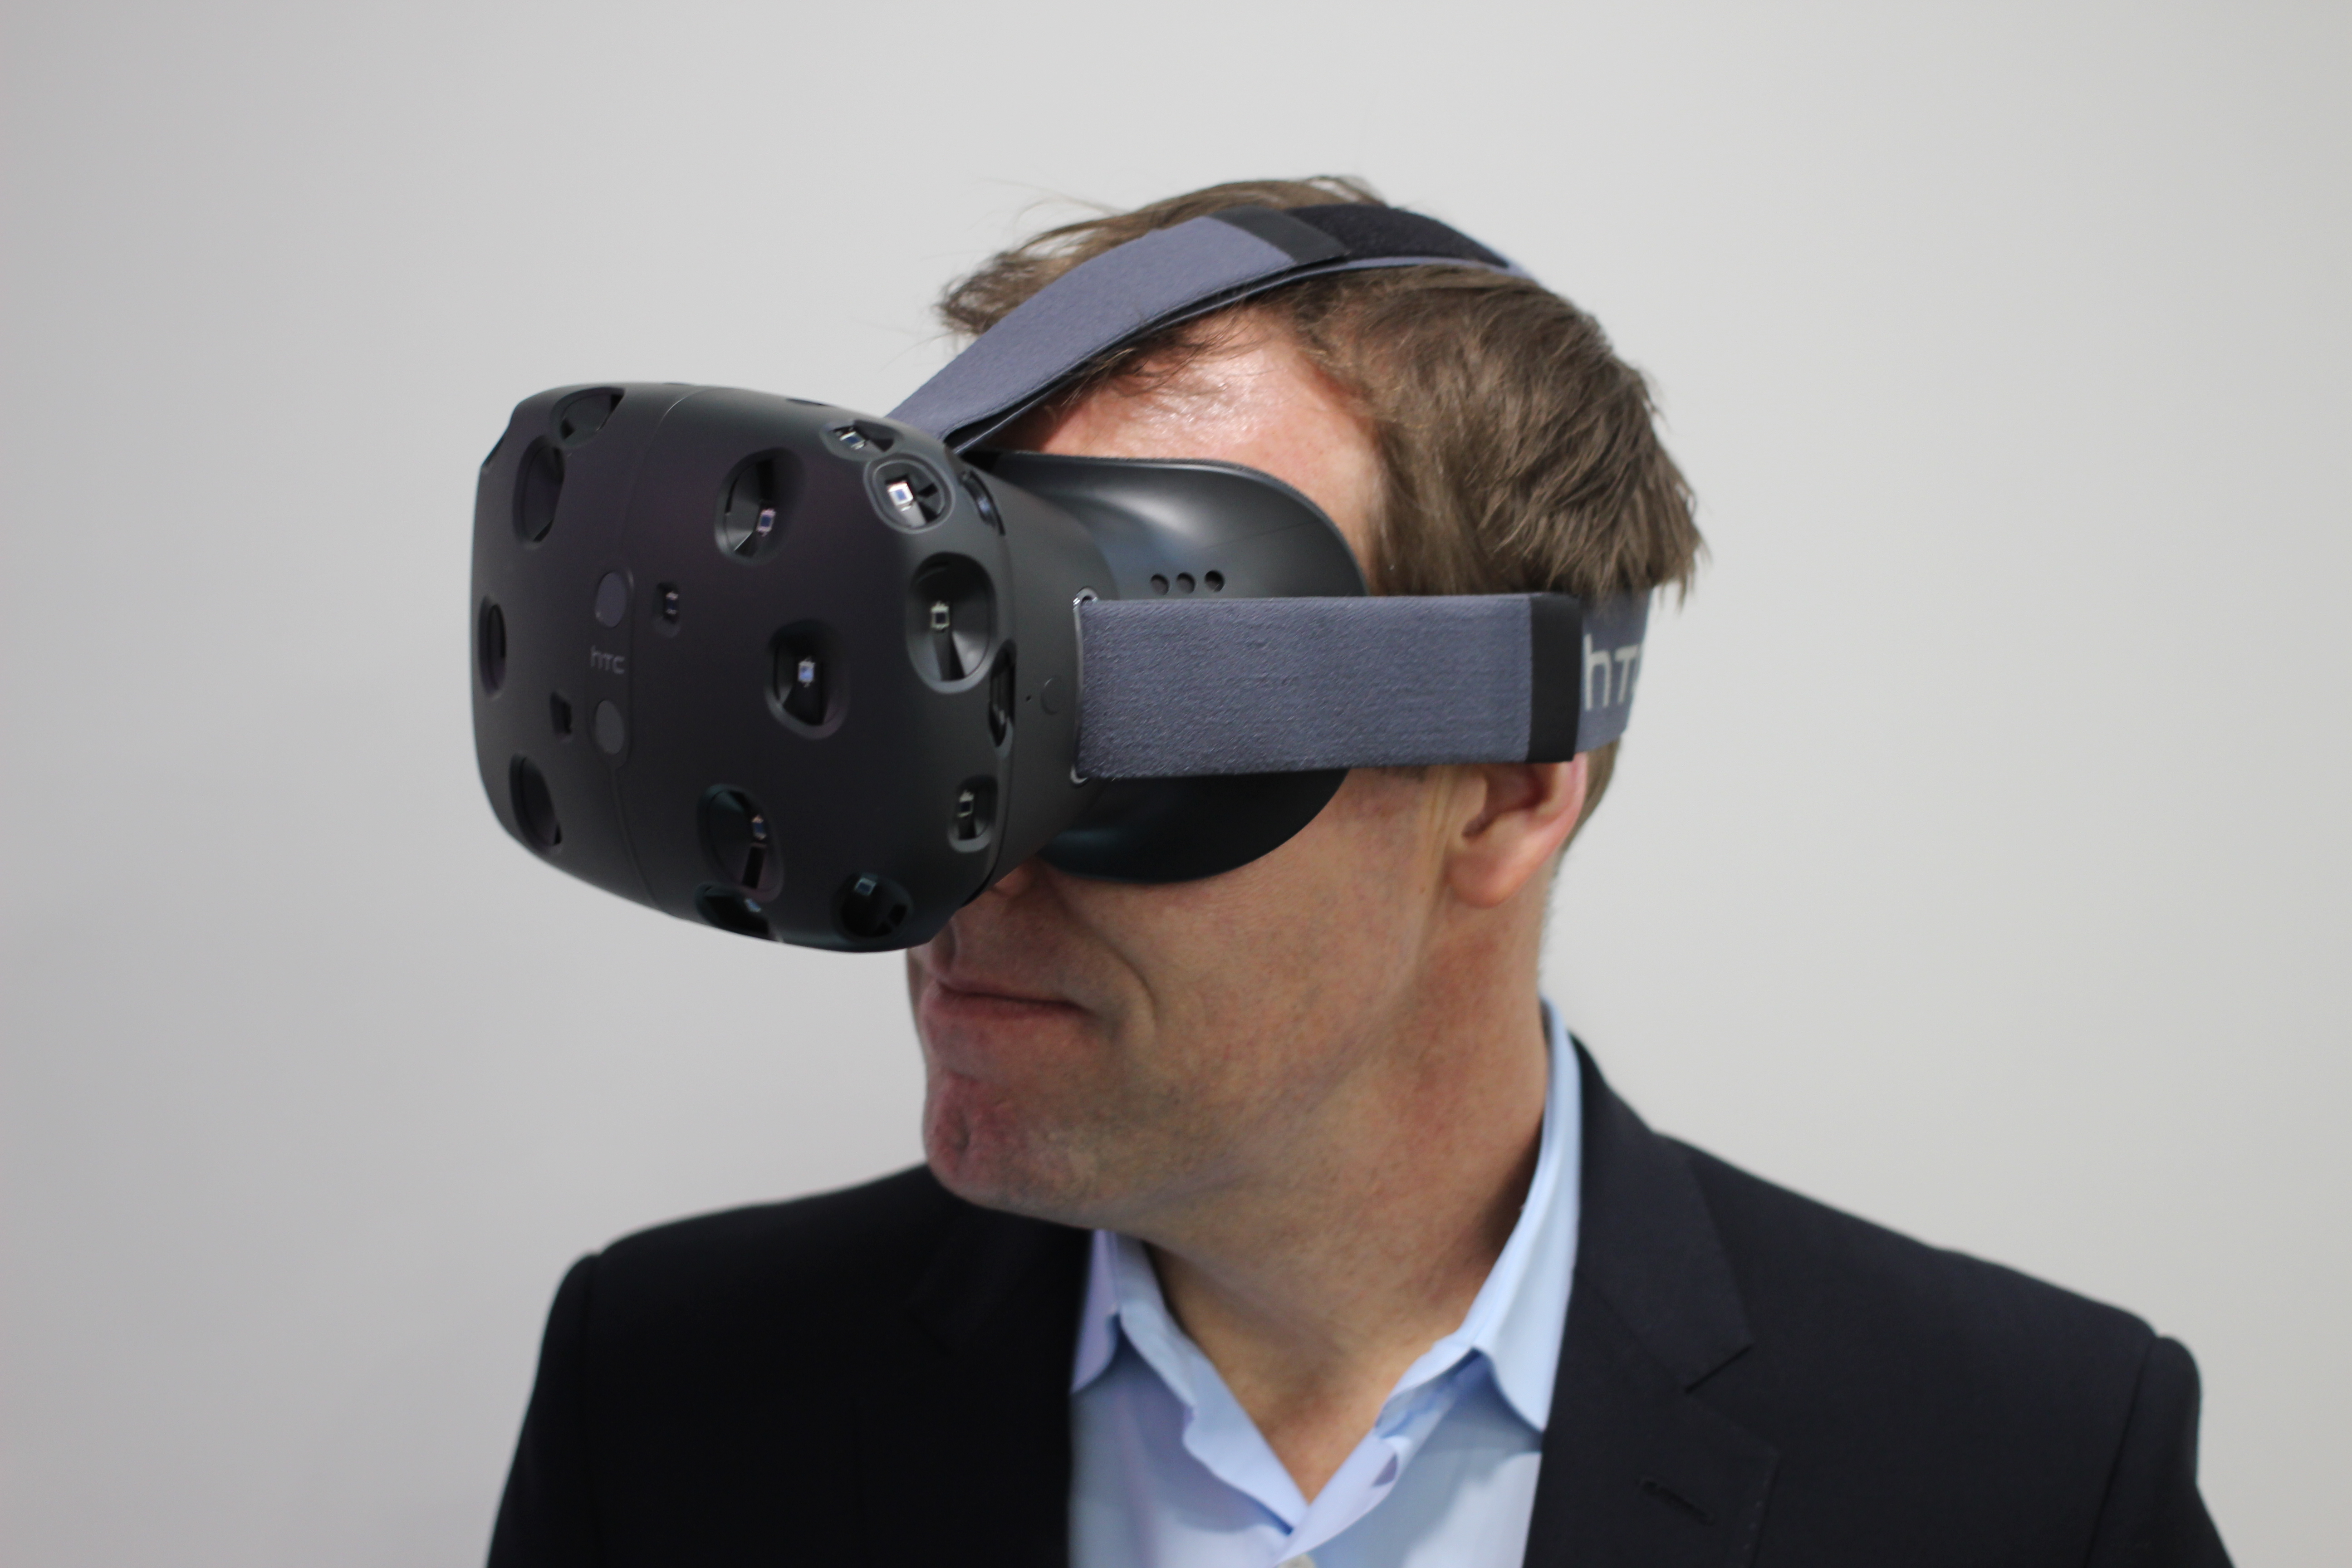 VR-Brille von dem Giganten HTC und Valve - für HTC ONE M9 ,Laptops und PCs